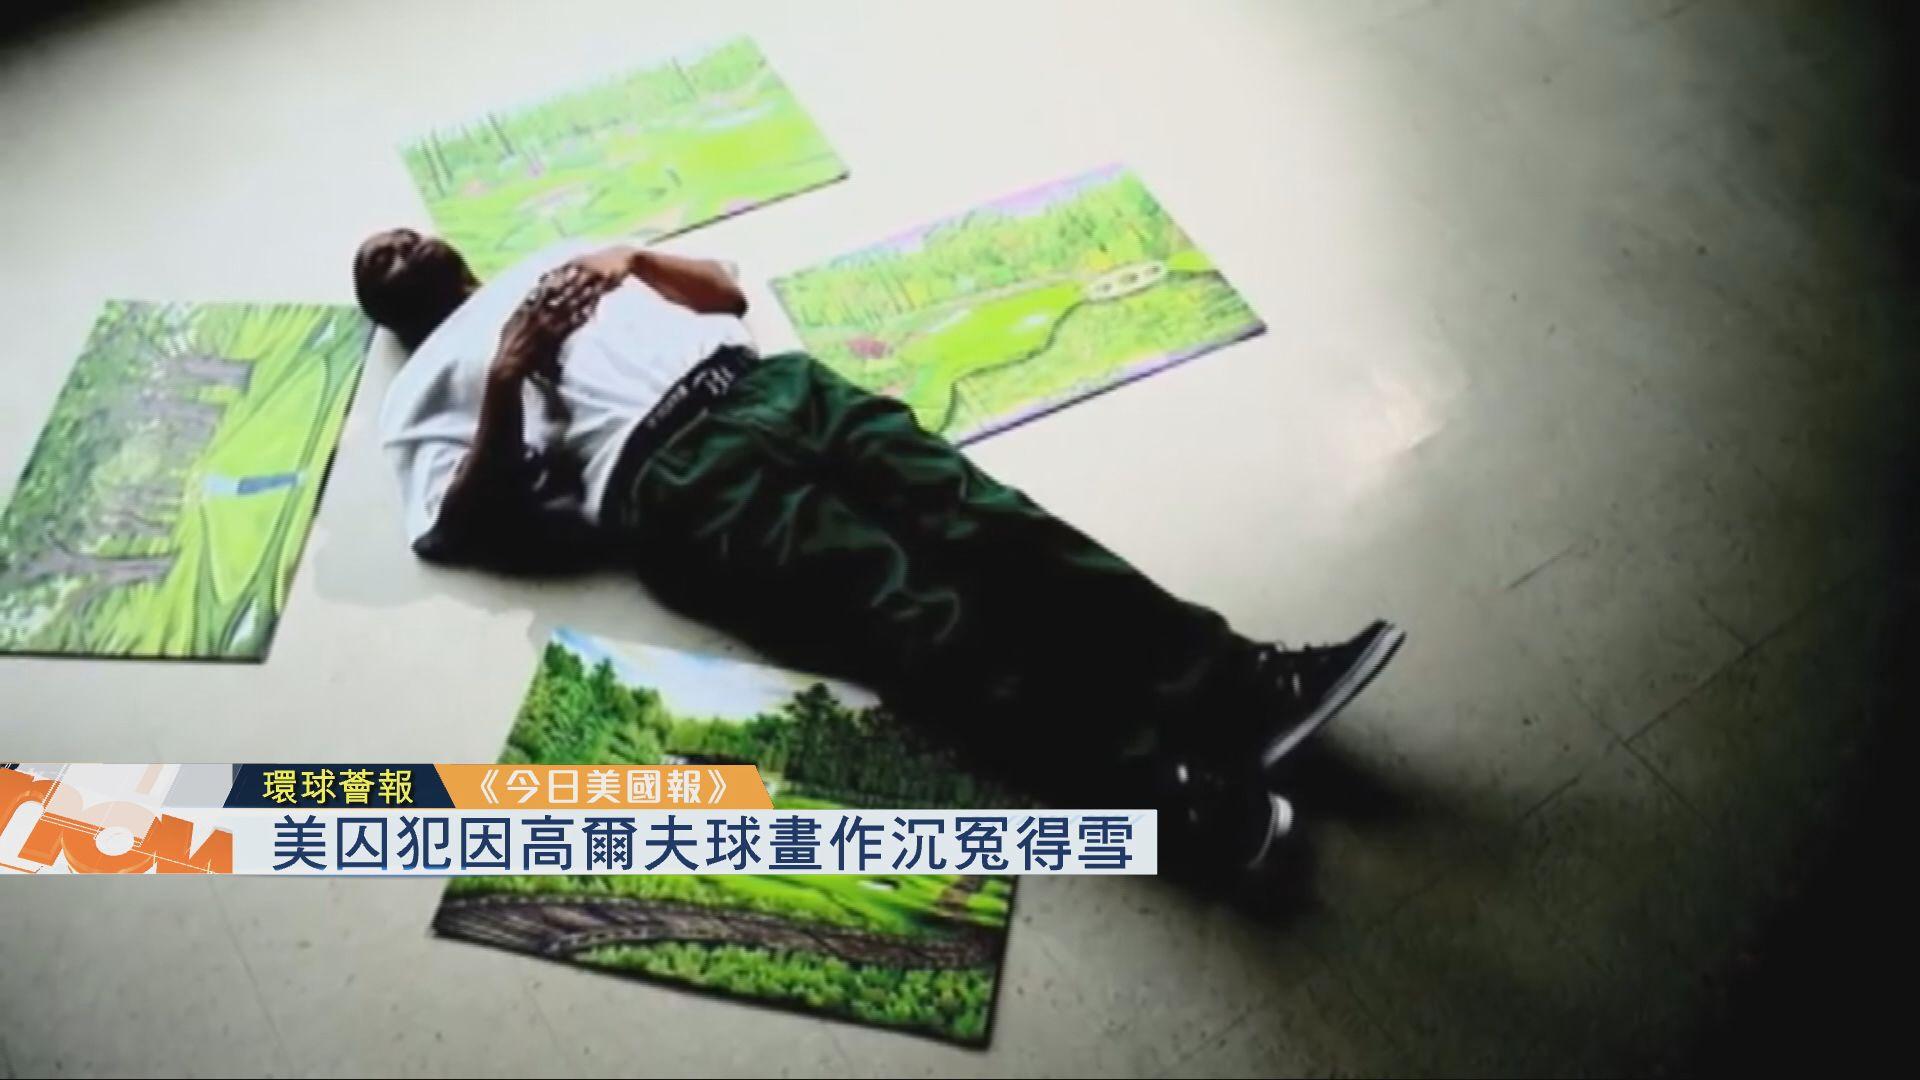 【環球薈報】美國囚犯因高爾夫球畫作沉冤得雪